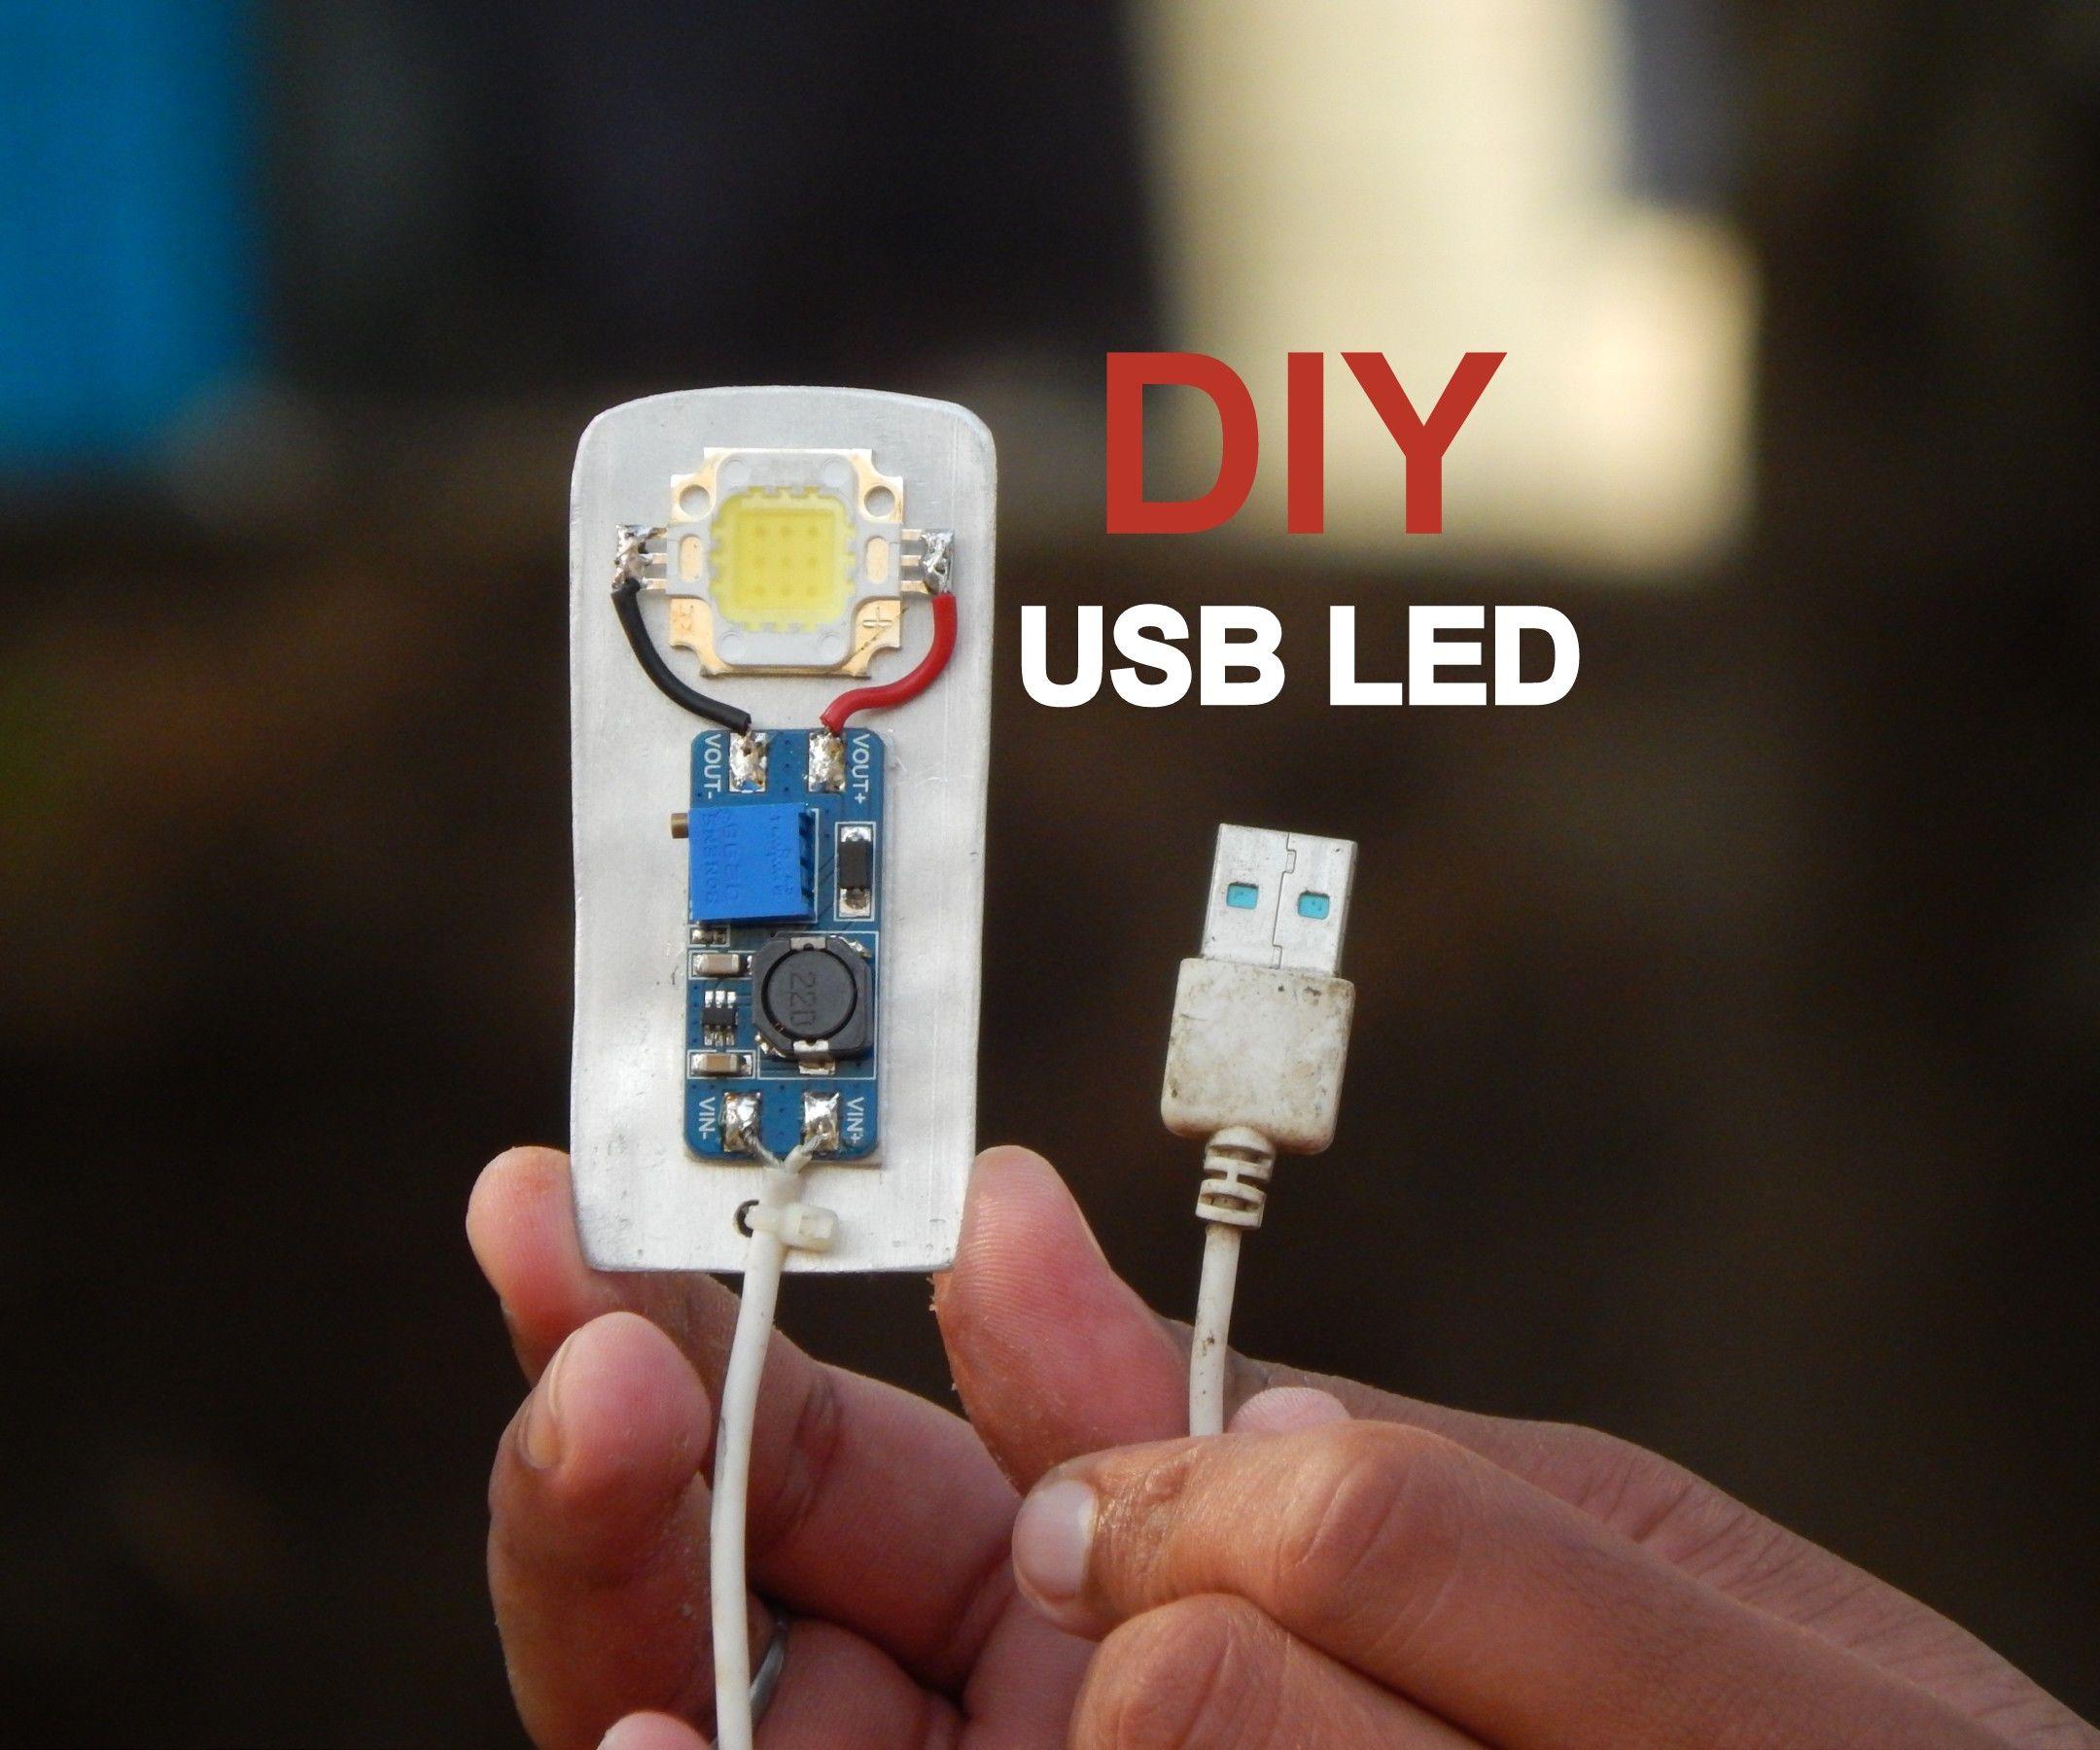 DIY Extreme Bright USB LED | LifeHack